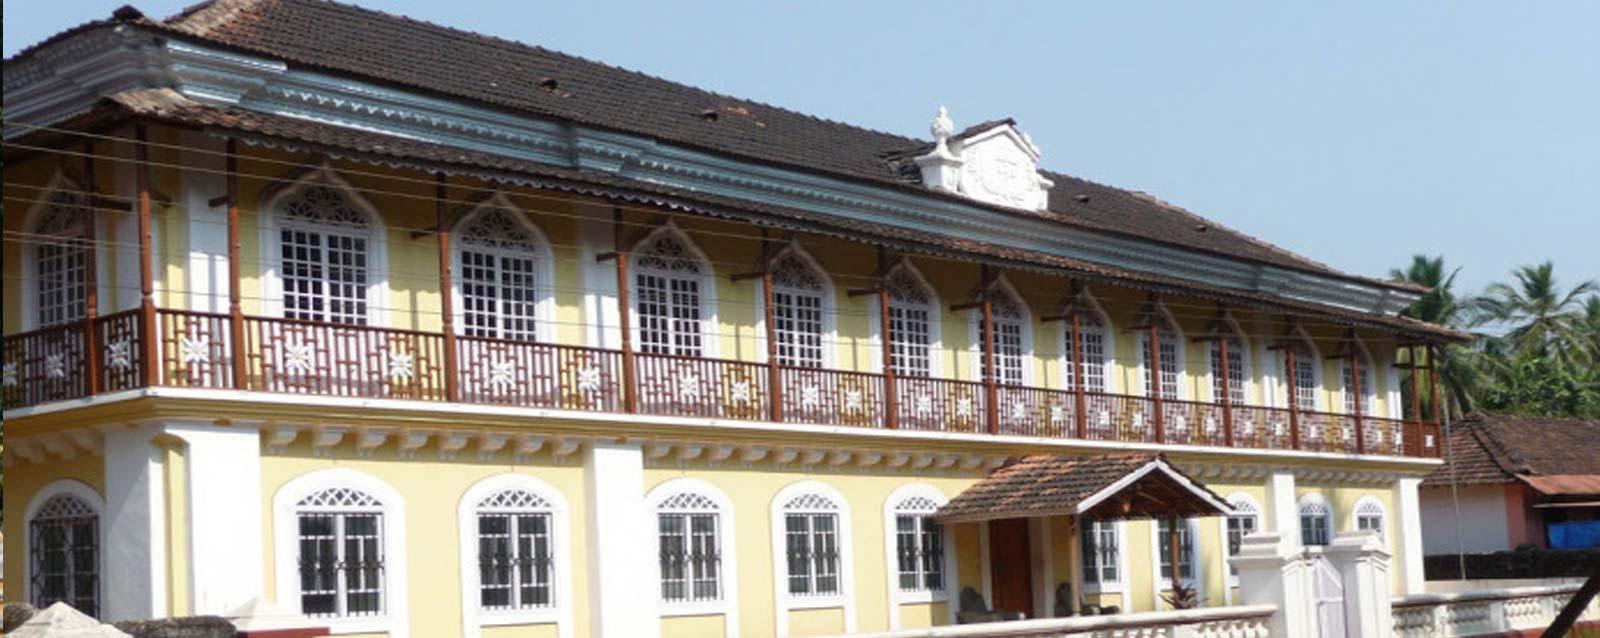 पिंटो ही रोझारियो घर